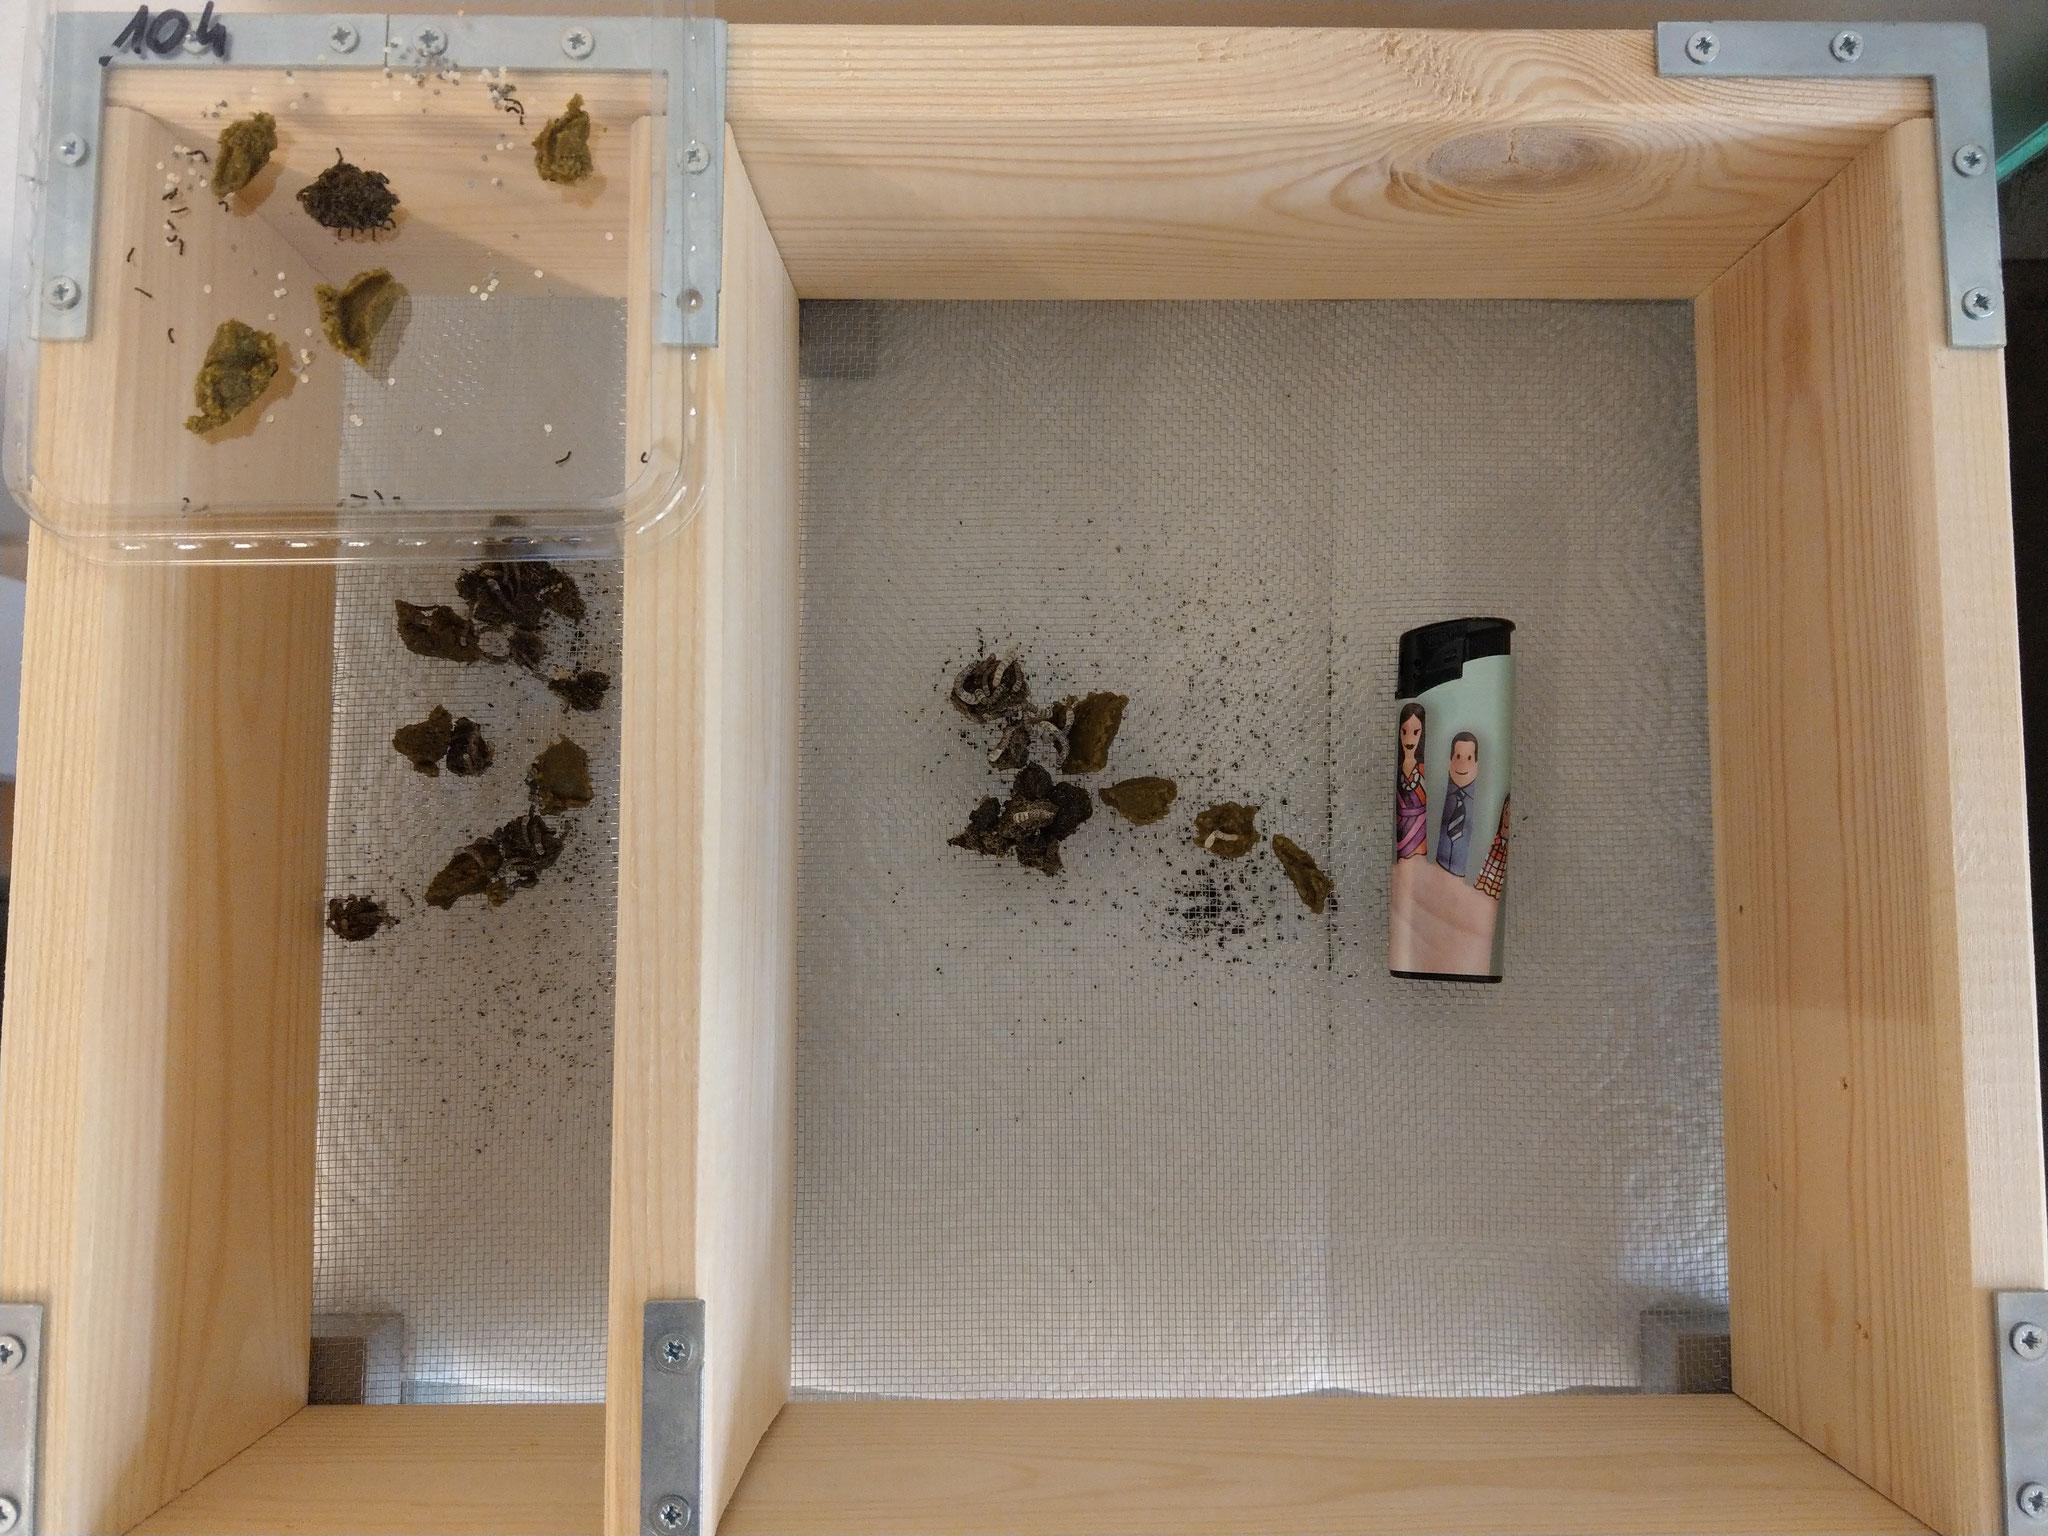 Die frisch geschlüpften Raupen können noch nicht in das Aufzuchtgestell, da sie selbst durch das Gitter fallen würden.